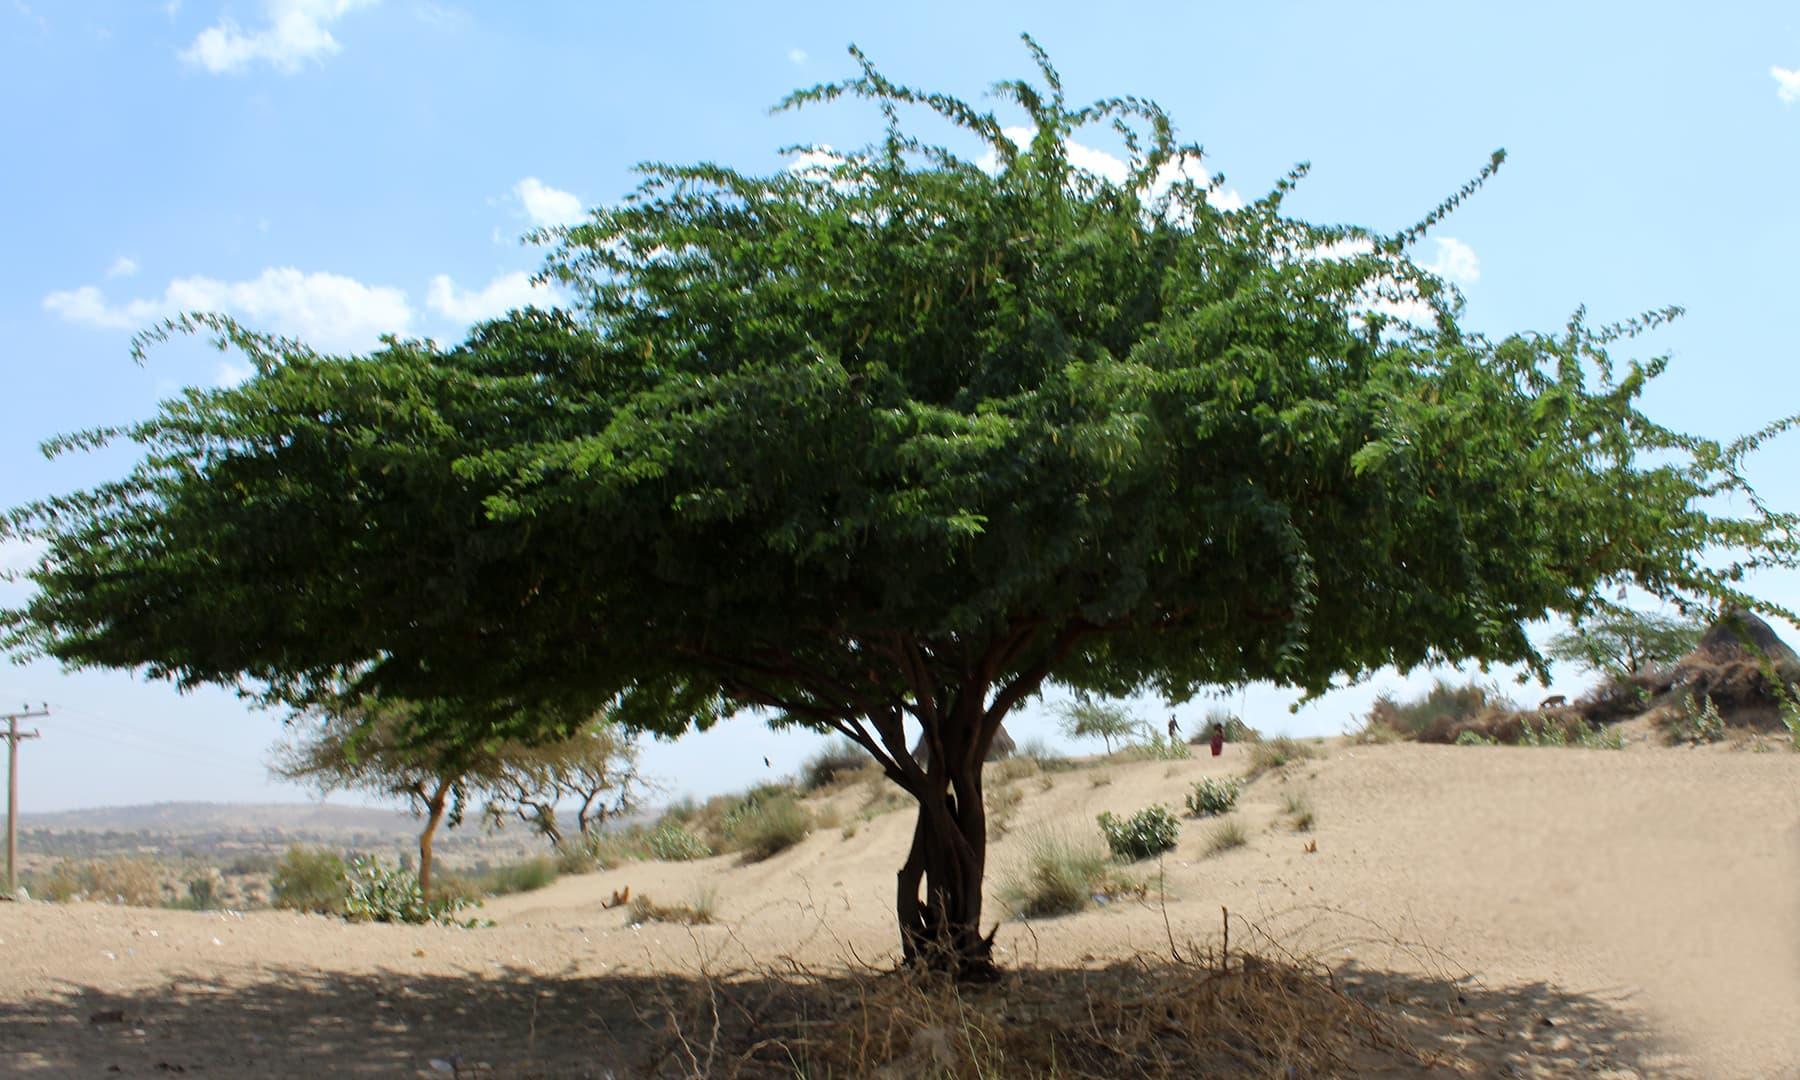 تھر کے صحرا میں موجود ایک سایہ دار درخت— فوٹو اختر حفیظ۔